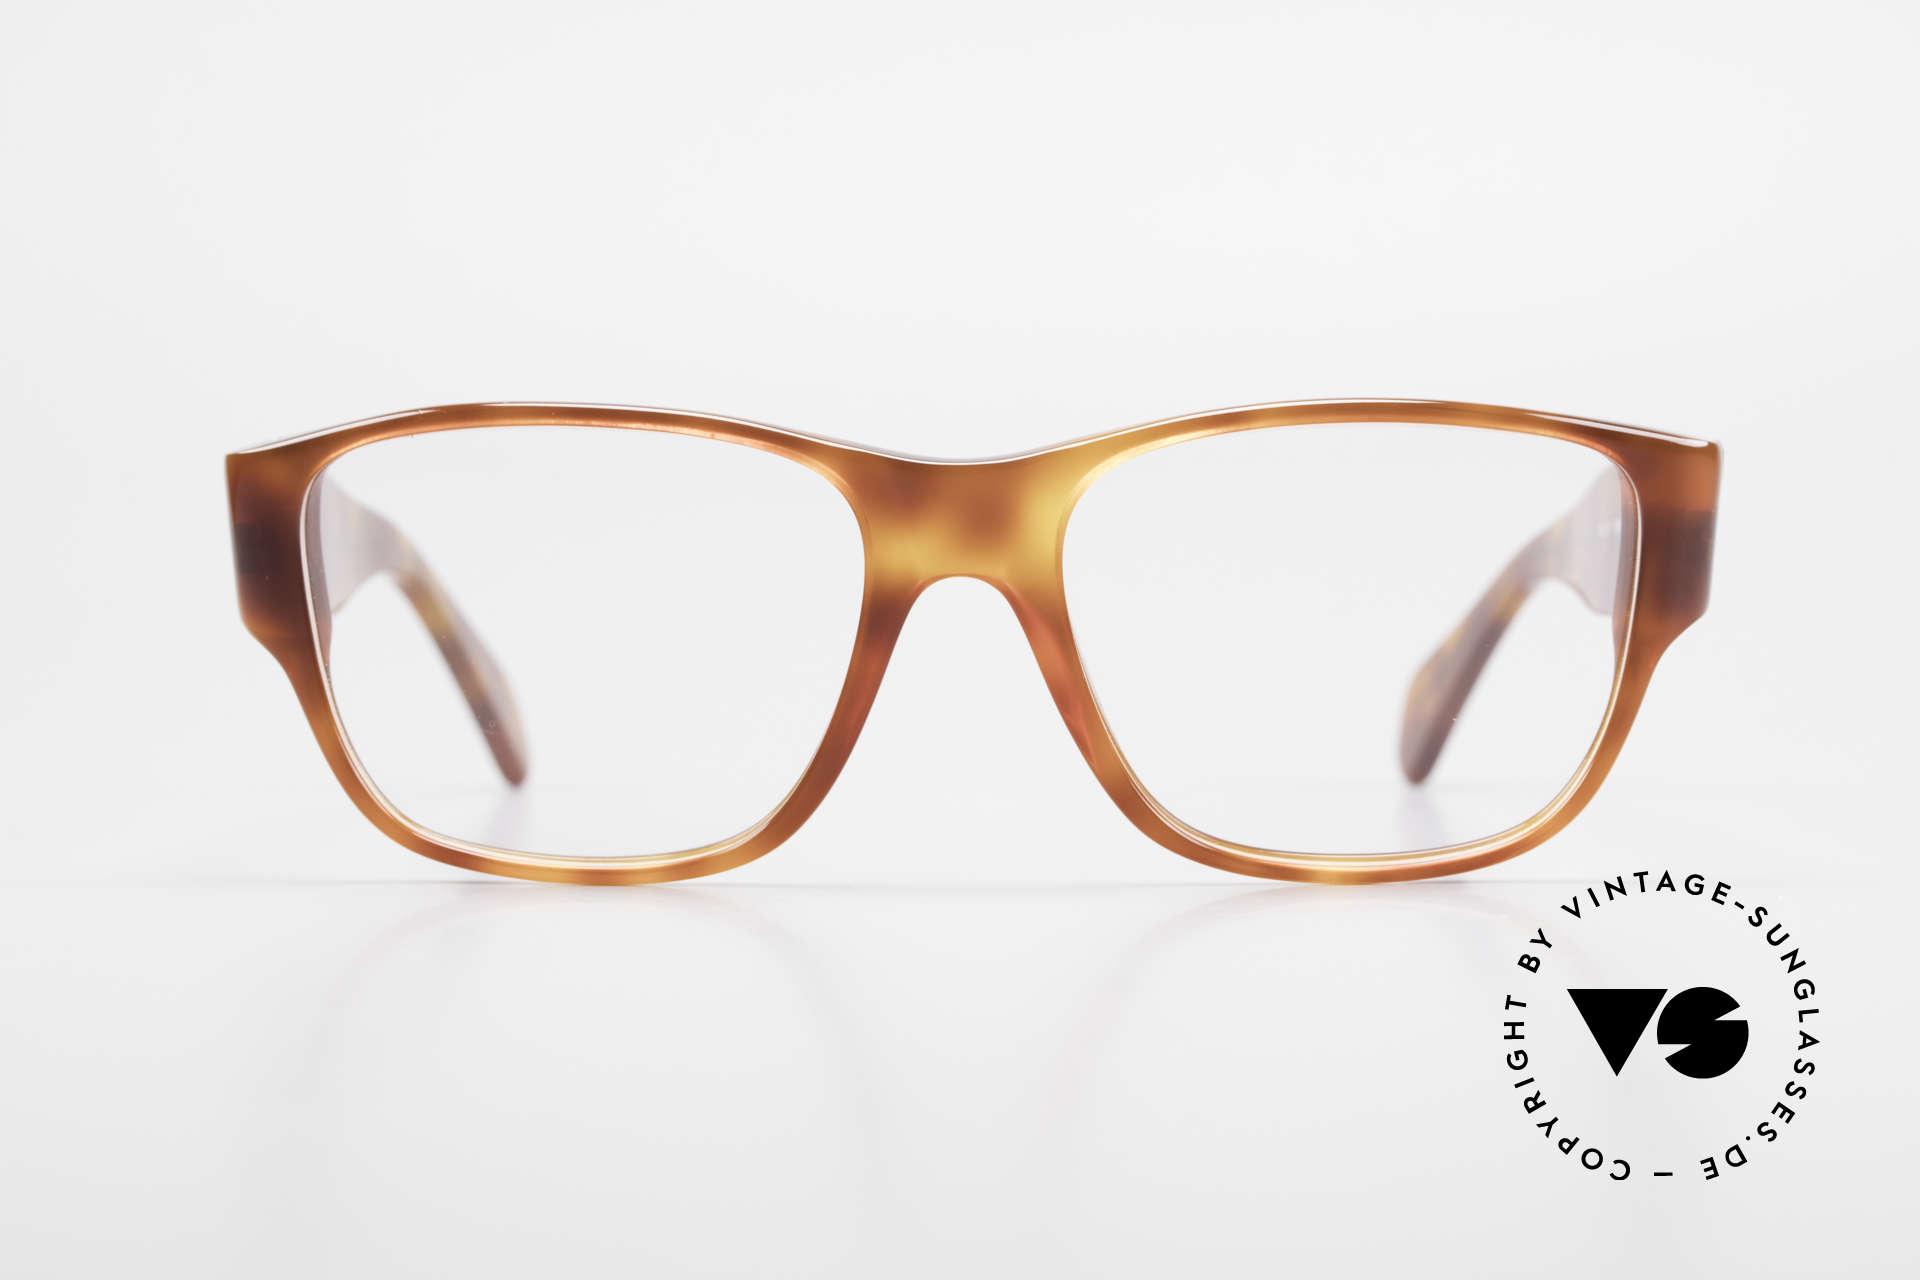 Persol 856 Markante Herren Vintage Brille, klassische Brillenform in einem zeitlosen Design, Passend für Herren